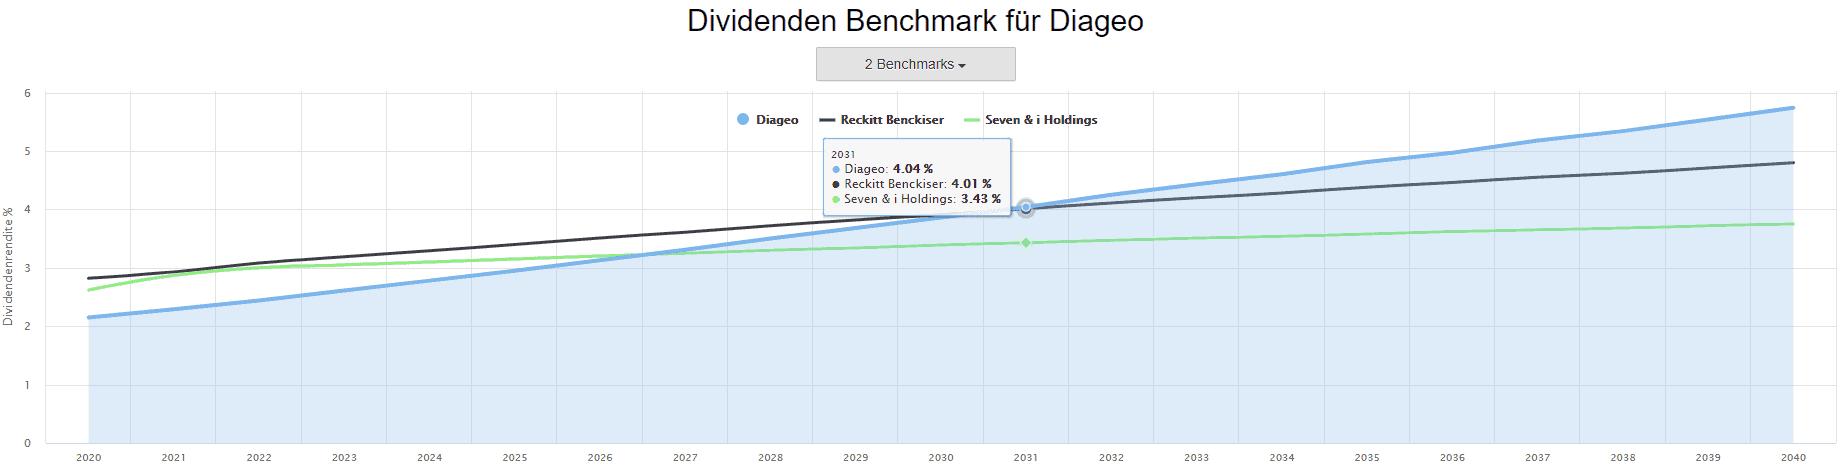 Der Dividenden-Benchmark vergleicht die prognostizierte Dividendenentwicklung unterschiedlicher Aktien (Quelle: Aktienfinder.Net)